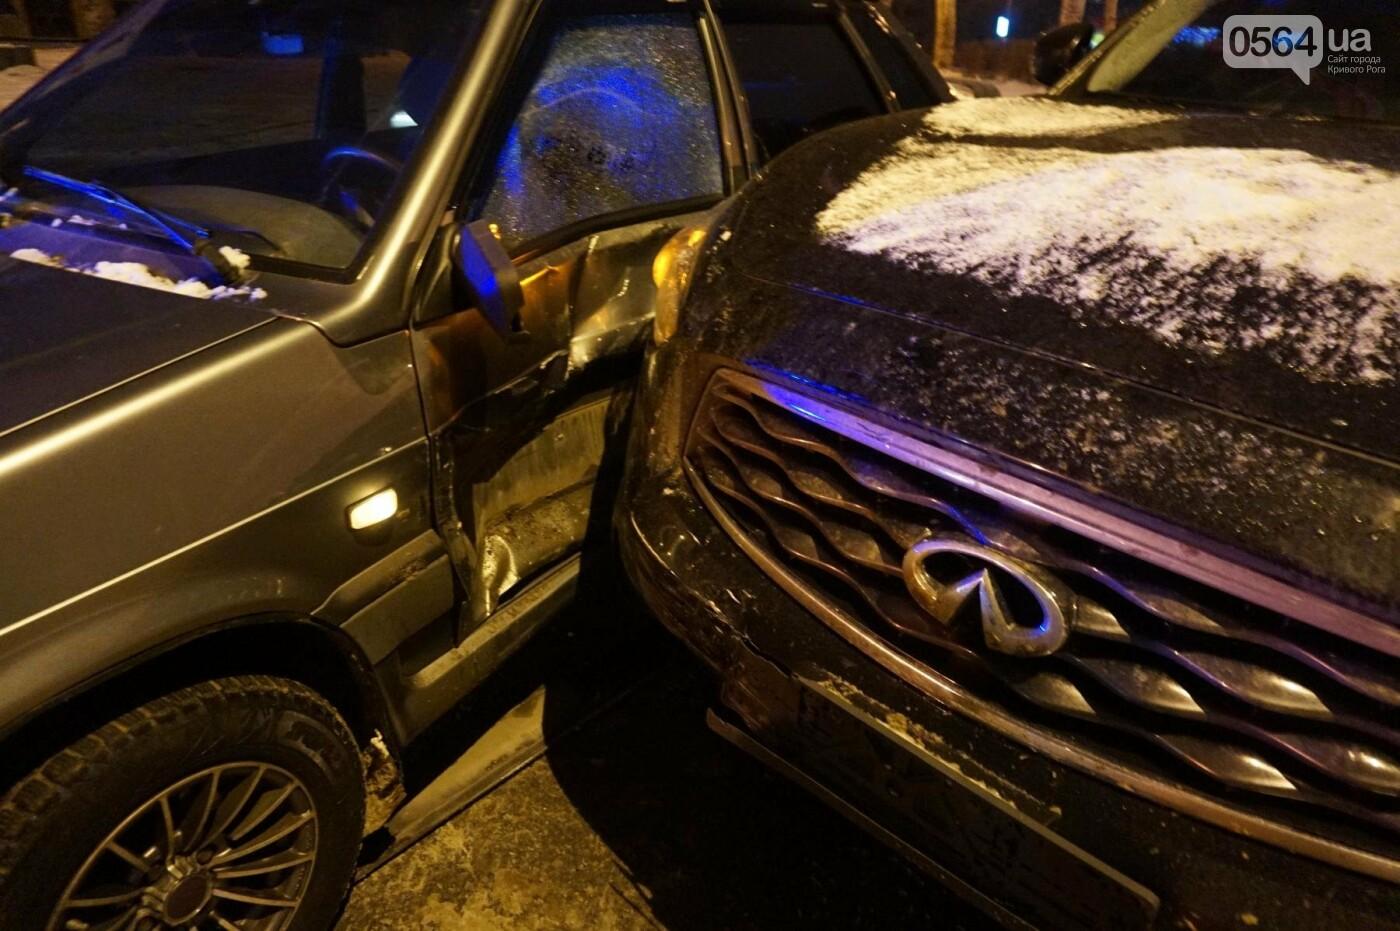 ДТП в Кривом Роге: Перед пешеходным переходом столкнулись ВАЗ и Инфинити (ФОТО), фото-8